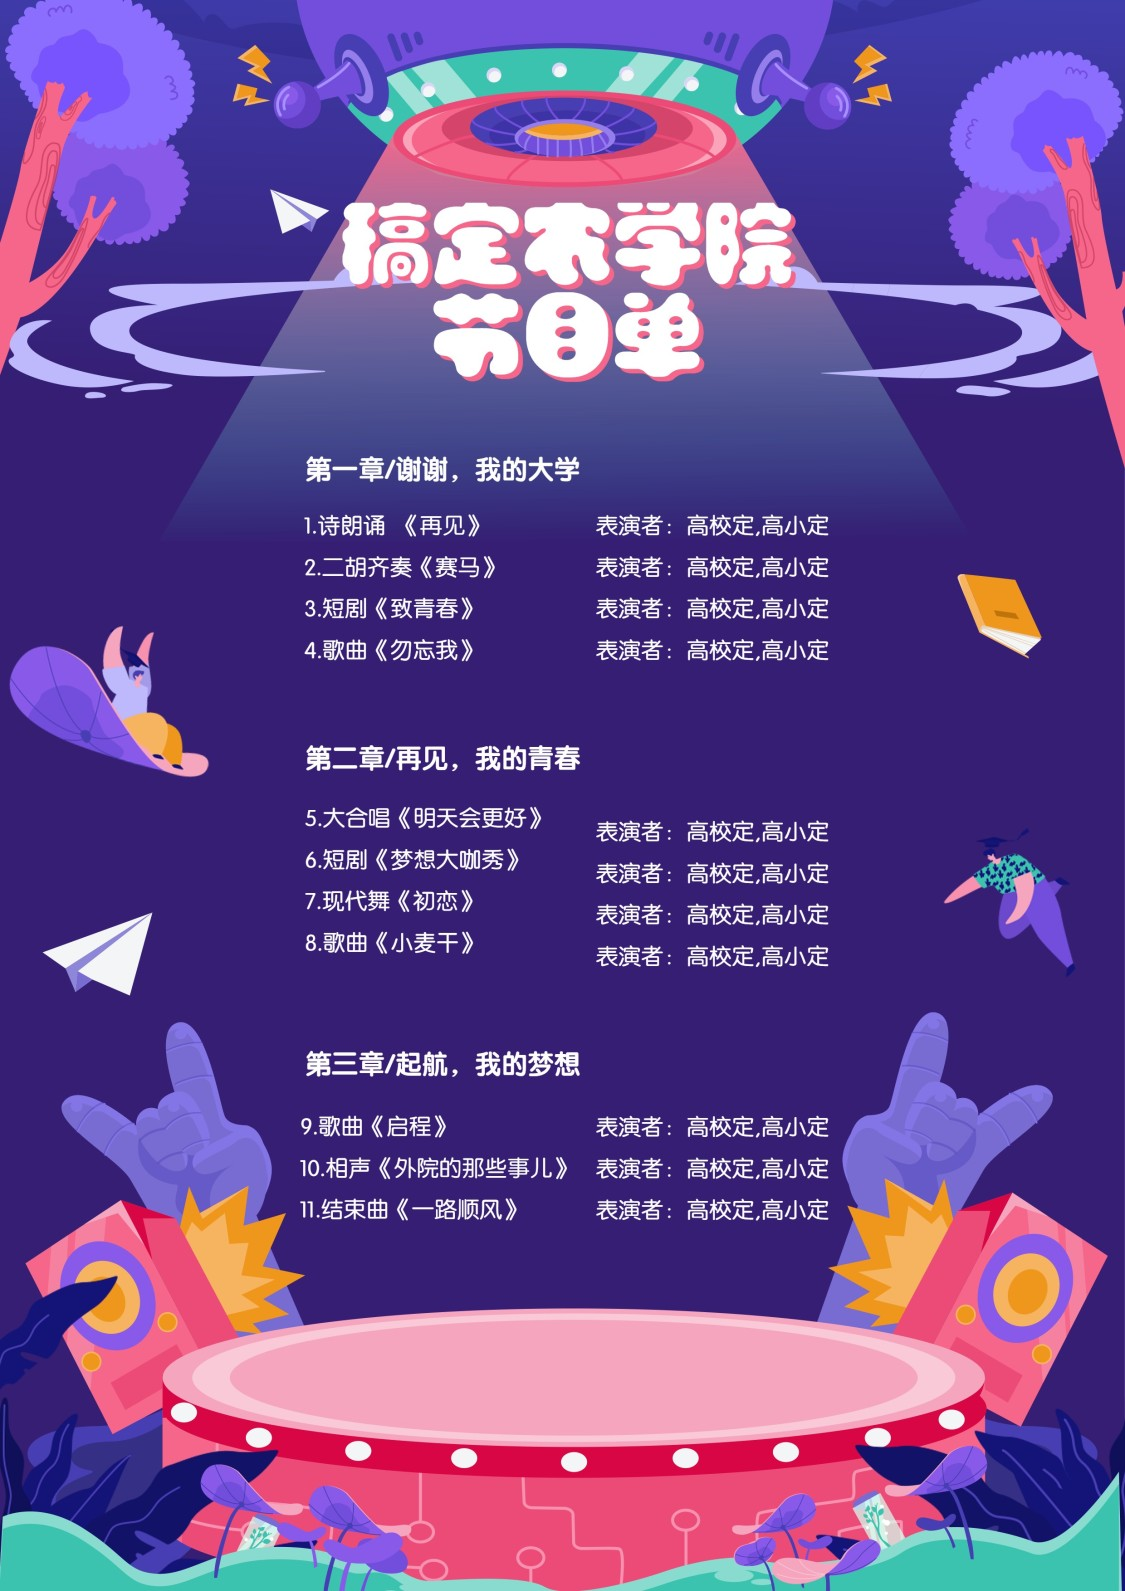 青春拂晓圆梦今朝毕业季晚会节目单